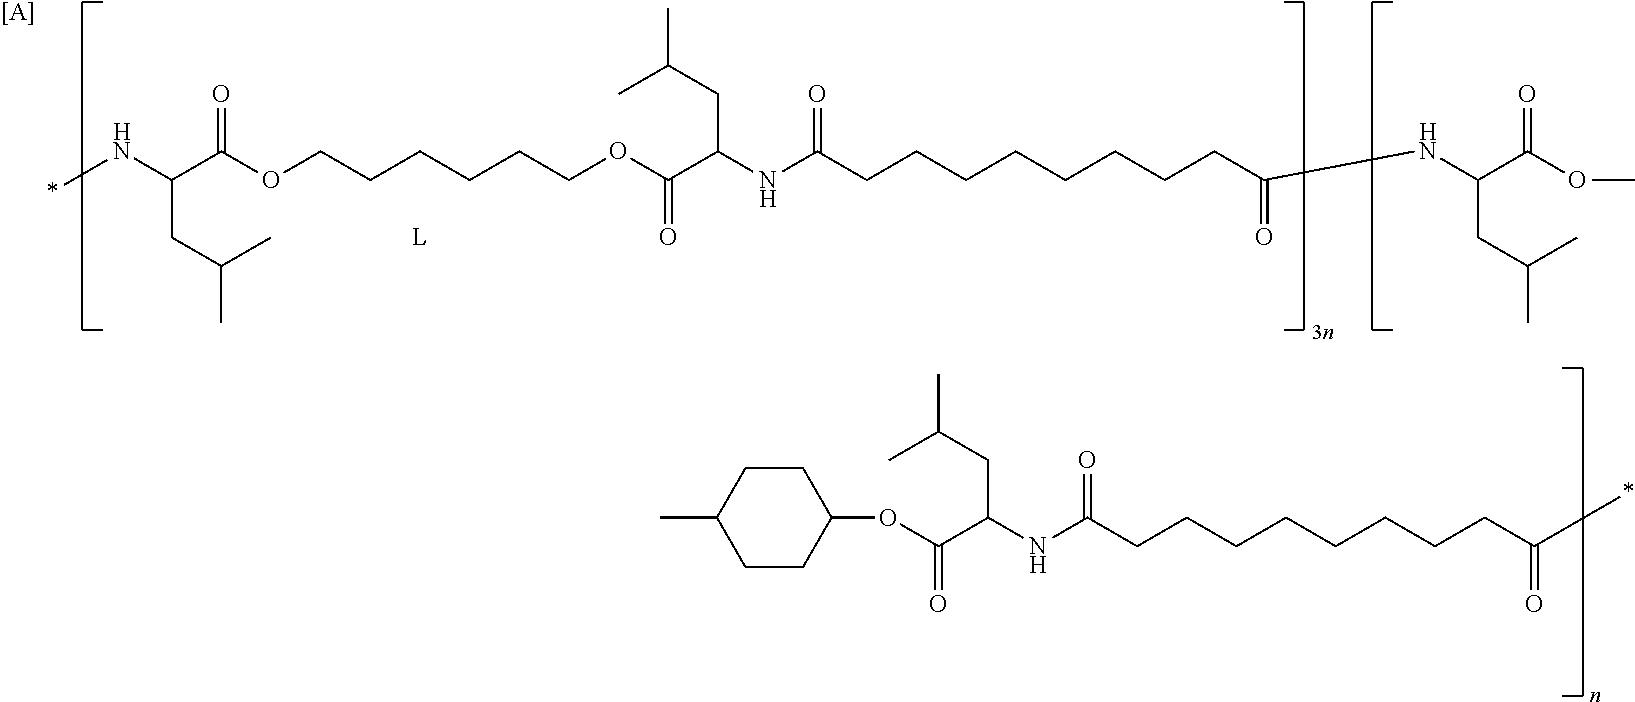 Figure US20110153004A1-20110623-C00001